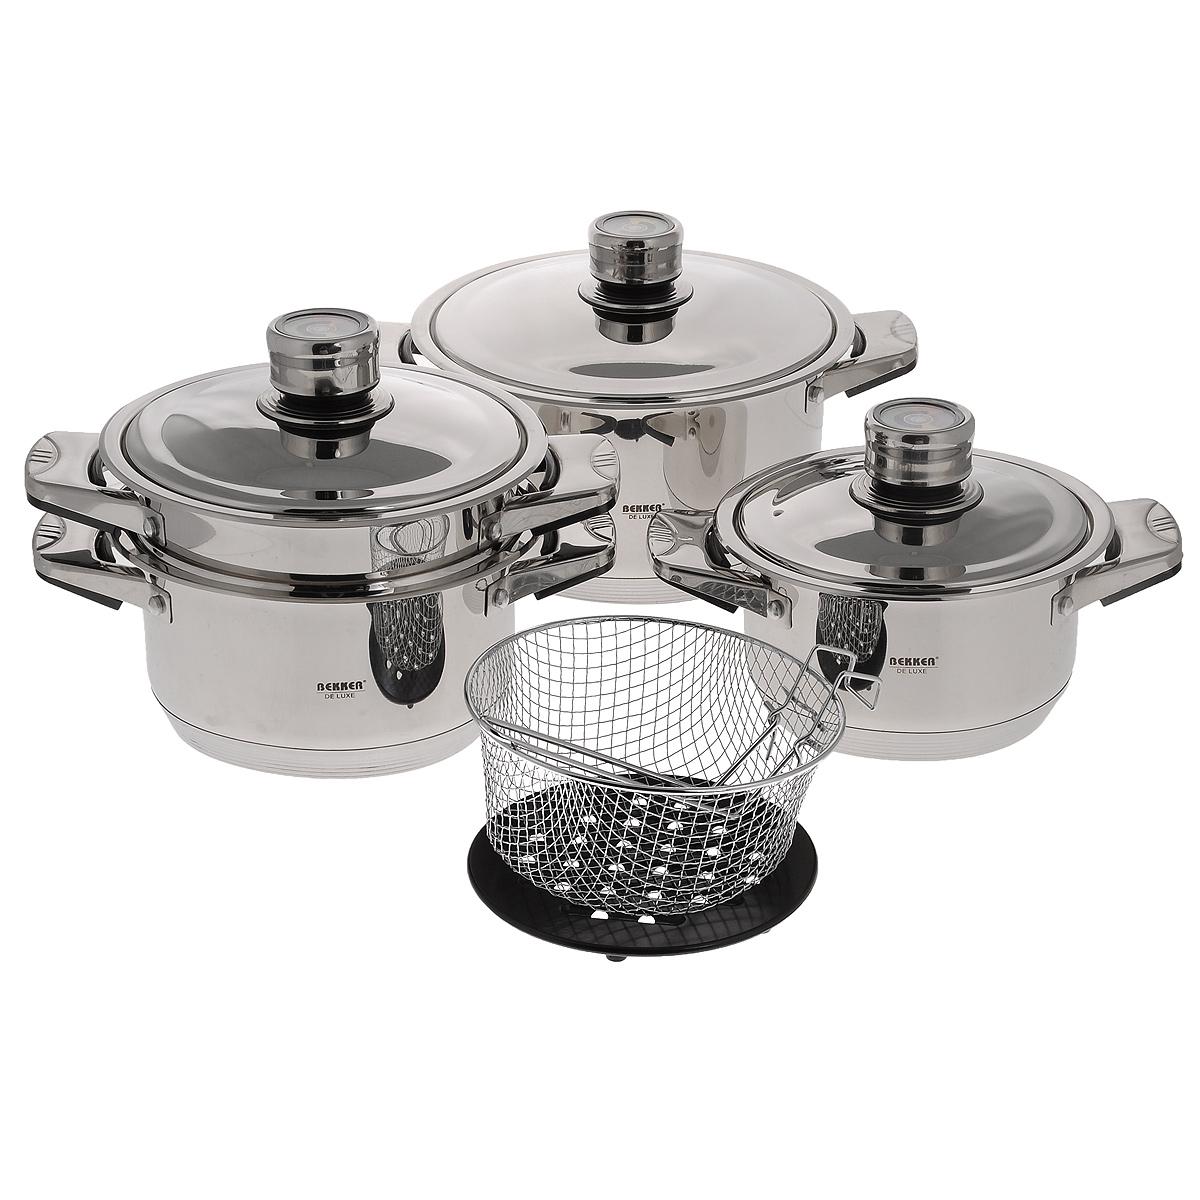 Набор посуды Bekker De Luxe, 9 предметов. BK-2865391602Набор Bekker De Luxe состоит из 3 кастрюль с крышками, пароварки, корзины для жарки (фритюрницы) и подставки под горячее. Изделия изготовлены из высококачественной нержавеющей стали 18/10 с зеркальной полировкой. Посуда имеет капсулированное термическое дно - совершенно новая разработка, позволяющая готовить здоровую пищу. Благодаря уникальной конструкции дна, тепло, проходя через металл, равномерно распределяется по стенкам посуды. В процессе приготовления пищи нижний слой дна остается идеально ровным, обеспечивая идеальный контакт между дном посуды и поверхностью плиты. Быстрая проводимость тепла и экономия энергии обеспечивается за счет использования при изготовлении дна разнородных материалов, таких как алюминий и сталь. Проходя через стальной нижний слой, тепло мгновенно попадает на алюминиевый слой, где и происходит его равномерное распределение. Внутри дна концентрируется очень высокая температура, которая практически мгновенно распределяется по все поверхности посуды. Для приготовления пищи в такой посуде требуется минимальное количество масла и воды, тем самым уменьшается риск потери витаминов и минералов в процессе термообработки продуктов. Посуда оснащена удобными металлическими ручками с черными бакелитовыми вставками. Специальный ободок по краям изделий предотвращает растекание жидкости при наполнении и переливании, что способствует сохранению чистоты стенок. Крышки выполнены из нержавеющей стали. Встроенные в крышки термодатчики помогают готовить пищу, соблюдая оптимальный температурный режим.Подставка под горячее выполнена из бакелита.Внутренние стенки кастрюль имеют отметки литража.Посуду можно использовать на всех типах плит, кроме индукционных. Можно использовать в духовке и мыть в посудомоечной машине. Объем кастрюль: 2,7 л; 3,6 л; 6,3 л.Внутренний диаметр кастрюль: 18 см; 20 см; 24 см.Высота стенок: 11,5 см; 12 см; 14,5 см.Ширина кастрюль с учетом ручек: 29 см; 31 см; 36 см.Диаметр дна: 15,5 